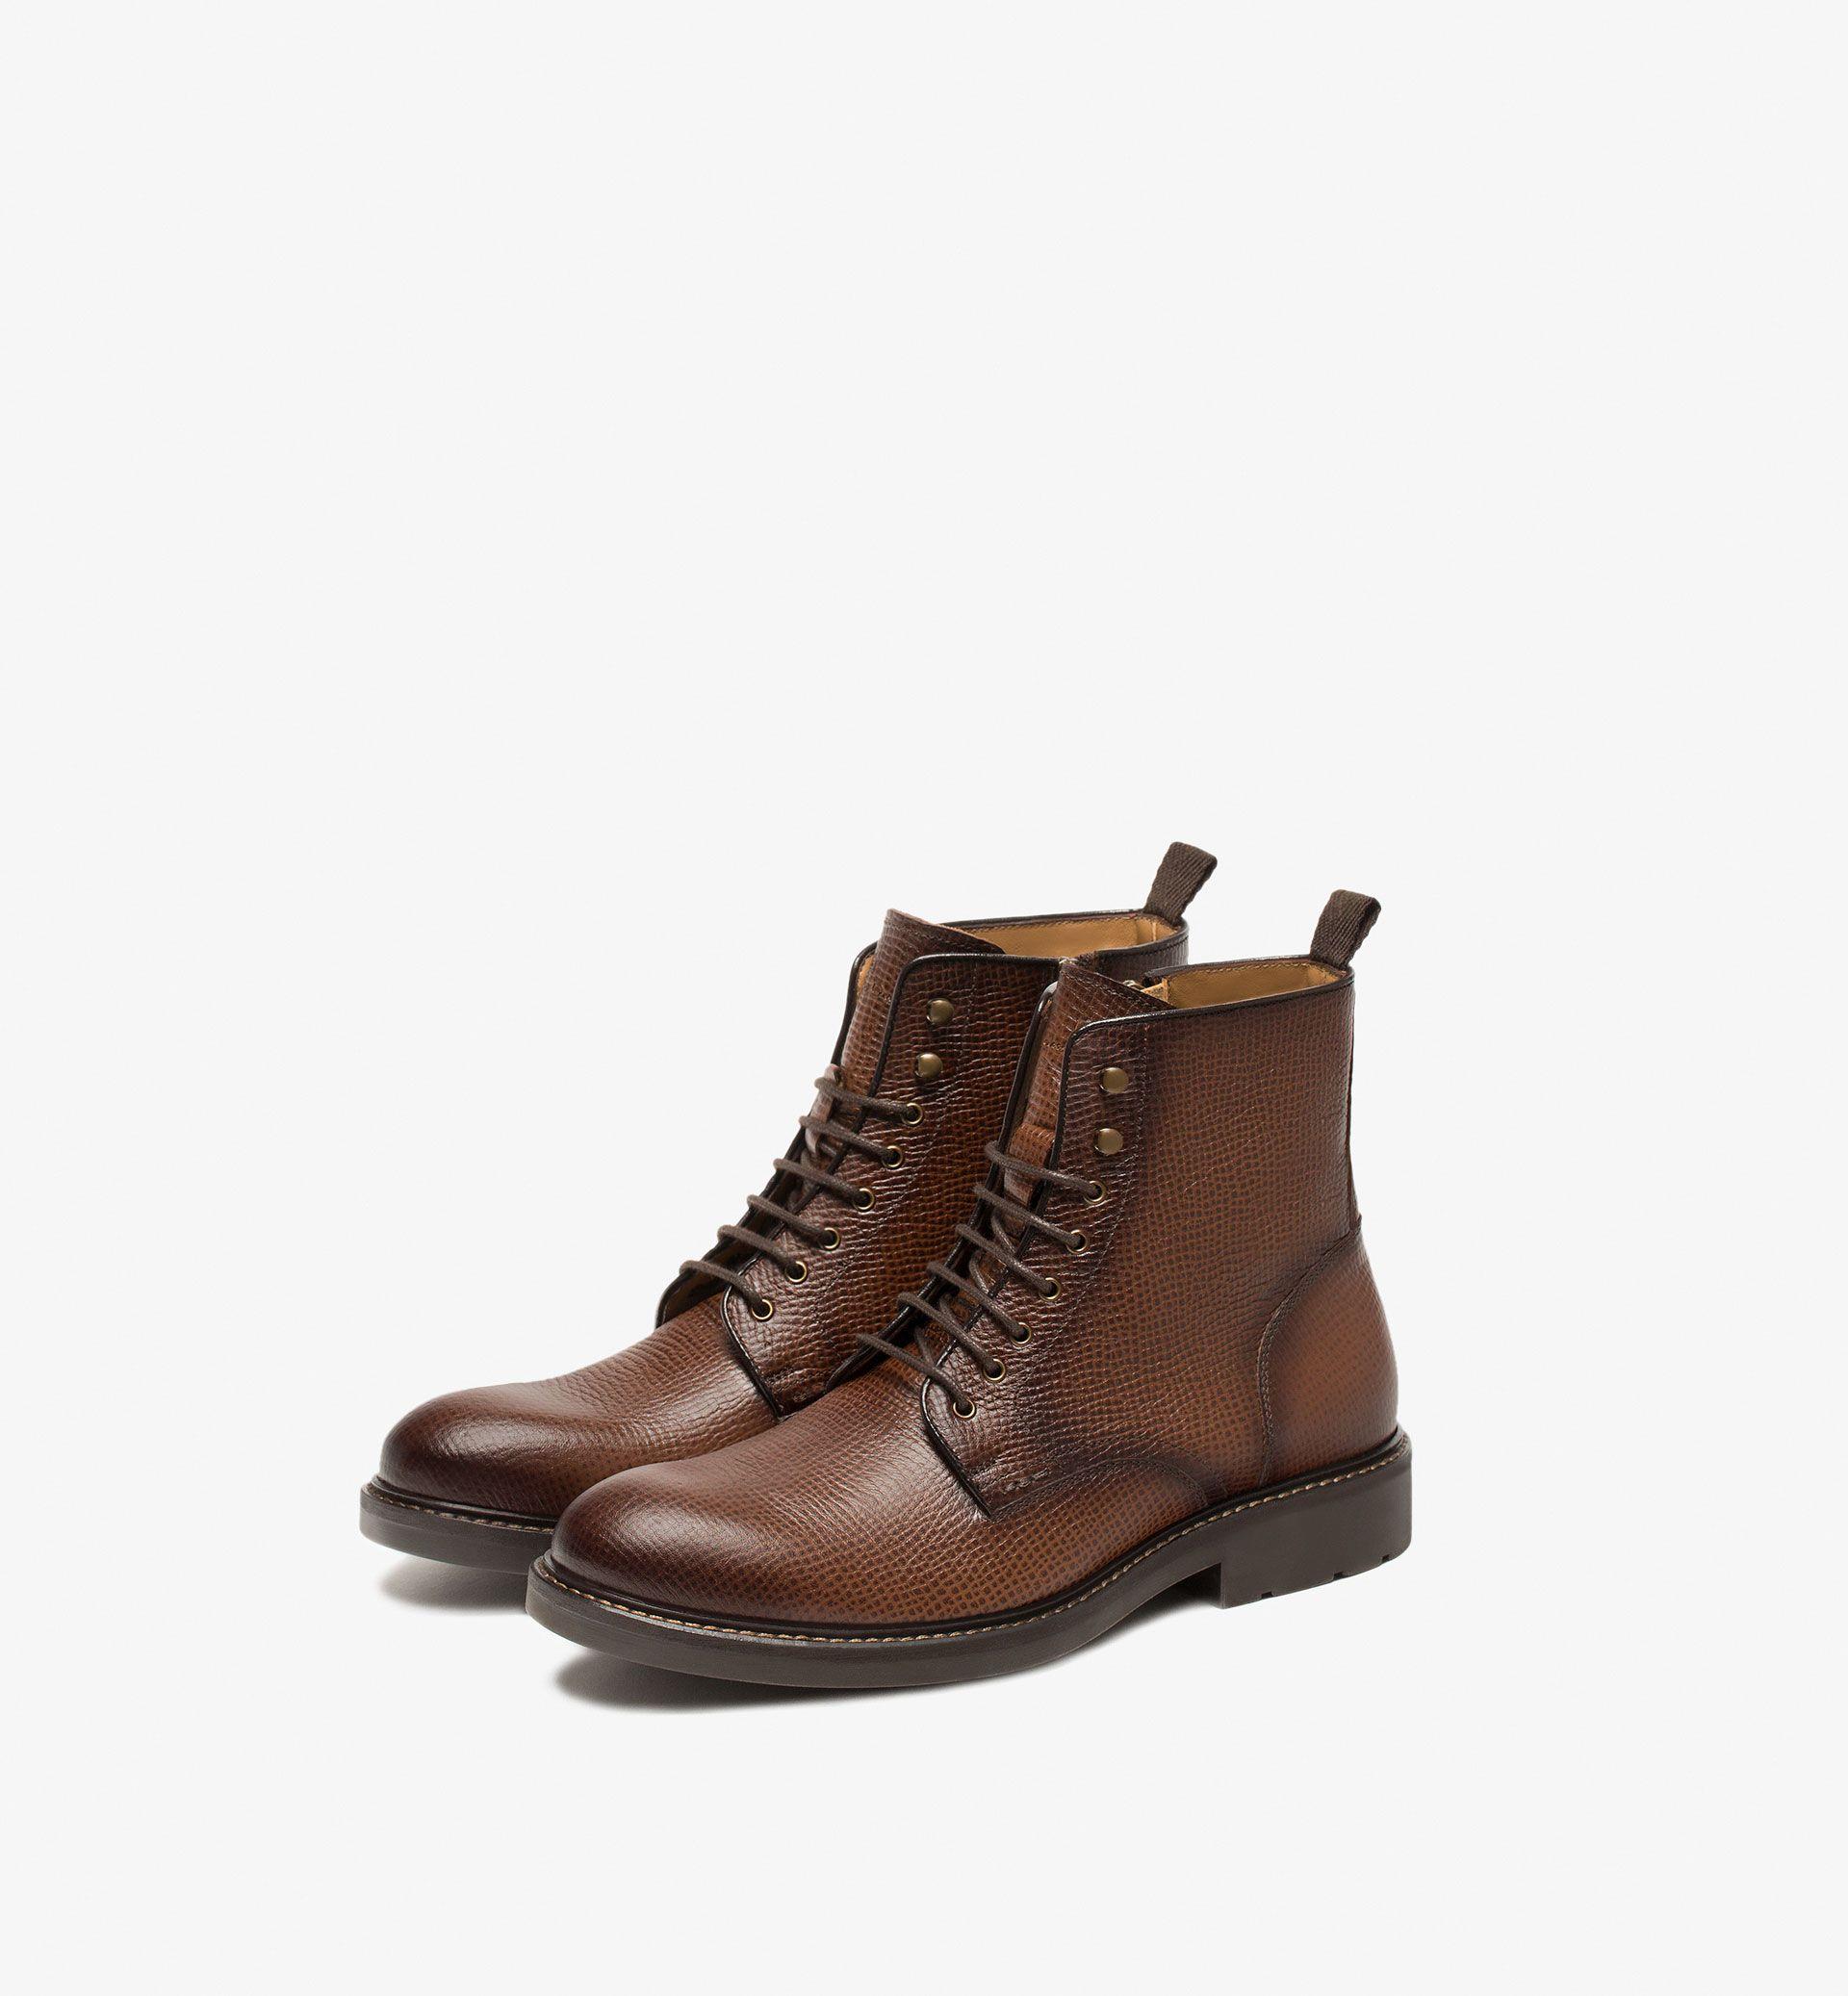 72b4ad6c54e BOTTINE CUIR NAPPA GRAVÉ - Tout voir - Chaussures - HOMMES - Belgique -  Massimo Dutti